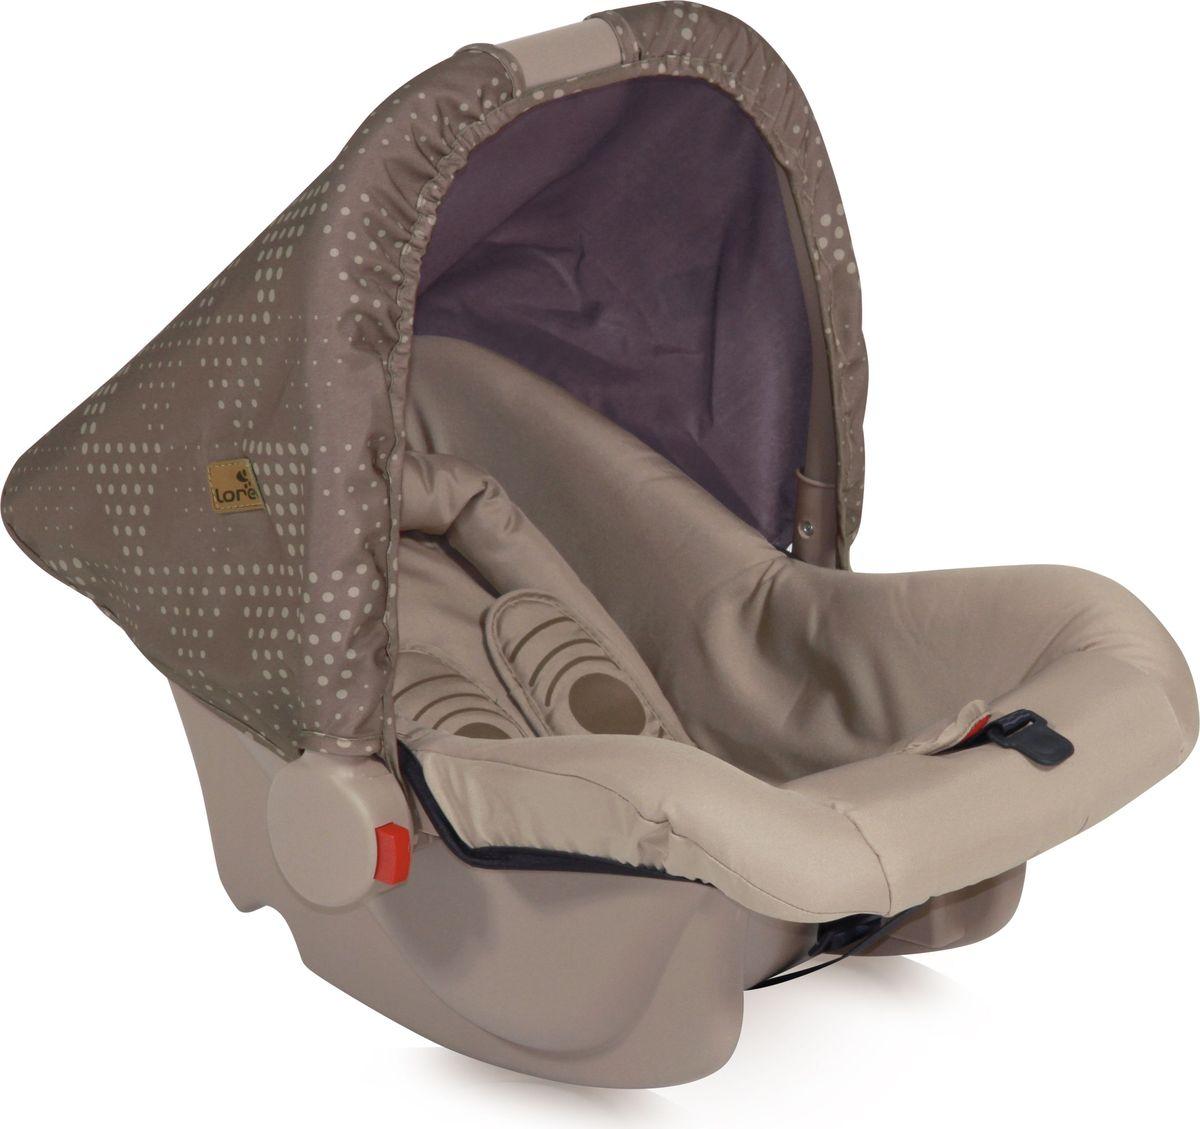 Lorelli Автокресло Bodyguard цвет бежевый от 0 до 13 кг3800151909132Автокресло Lorelli Bodyguard разработано для малышей в возрасте до 1 года.Комфортная модель легко пристегивается ремнями безопасности в любых авто, что является ее преимуществом. Кресло имеет небольшой вес и может быть использовано как качалка.